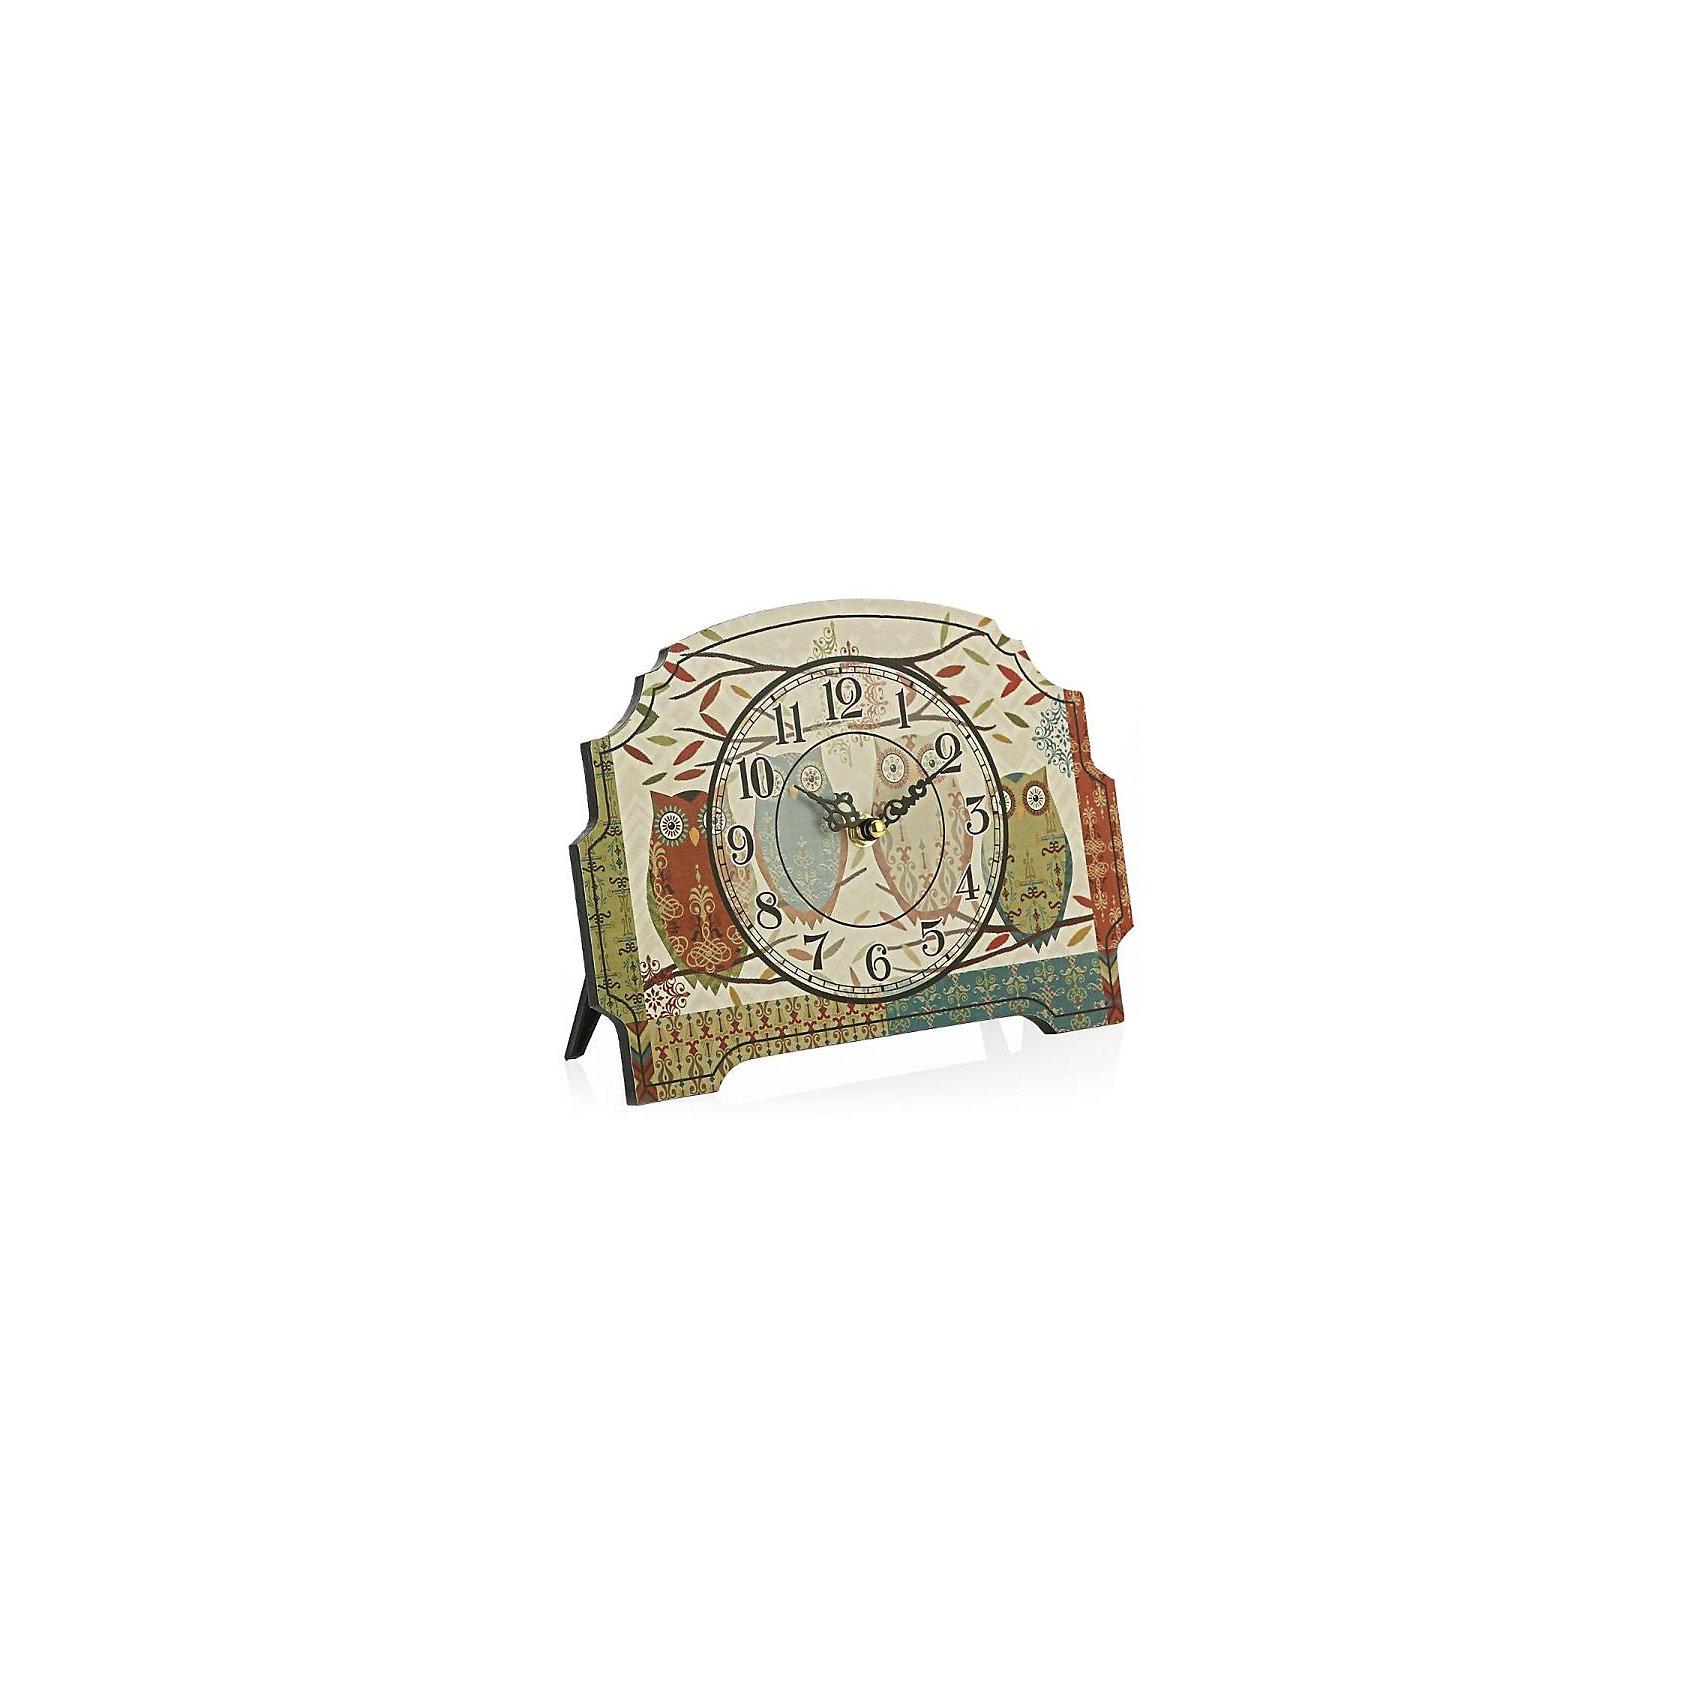 Часы настольные Четыре совушки, Magic HomeПредметы интерьера<br>Настольные часы с открытым циферблатом устанавливаются на плоской поверхности стола, полки или прикроватной тумбочки. Ход стрелок плавный, часы кварцевые, без боя, с циферблатом, часовой механизм находится на задней стенке часов. Корпус часов Magic Home – мдф-основа с рисунком «Четыре совушки». <br><br>Дополнительная информация:<br><br>Для работы часов требуется 1 батарейка типа АА (приобретается отдельно).<br><br>Размер: 18х24 см<br><br>Материал: МДФ - древесноволокнистая плита средней плотности, изготовленная из древесных опилок мелкой фракции.<br><br>Часы настольные Четыре совушки, Magic Home можно купить в нашем интернет-магазине.<br><br>Ширина мм: 270<br>Глубина мм: 190<br>Высота мм: 50<br>Вес г: 438<br>Возраст от месяцев: 216<br>Возраст до месяцев: 1200<br>Пол: Унисекс<br>Возраст: Детский<br>SKU: 5030487